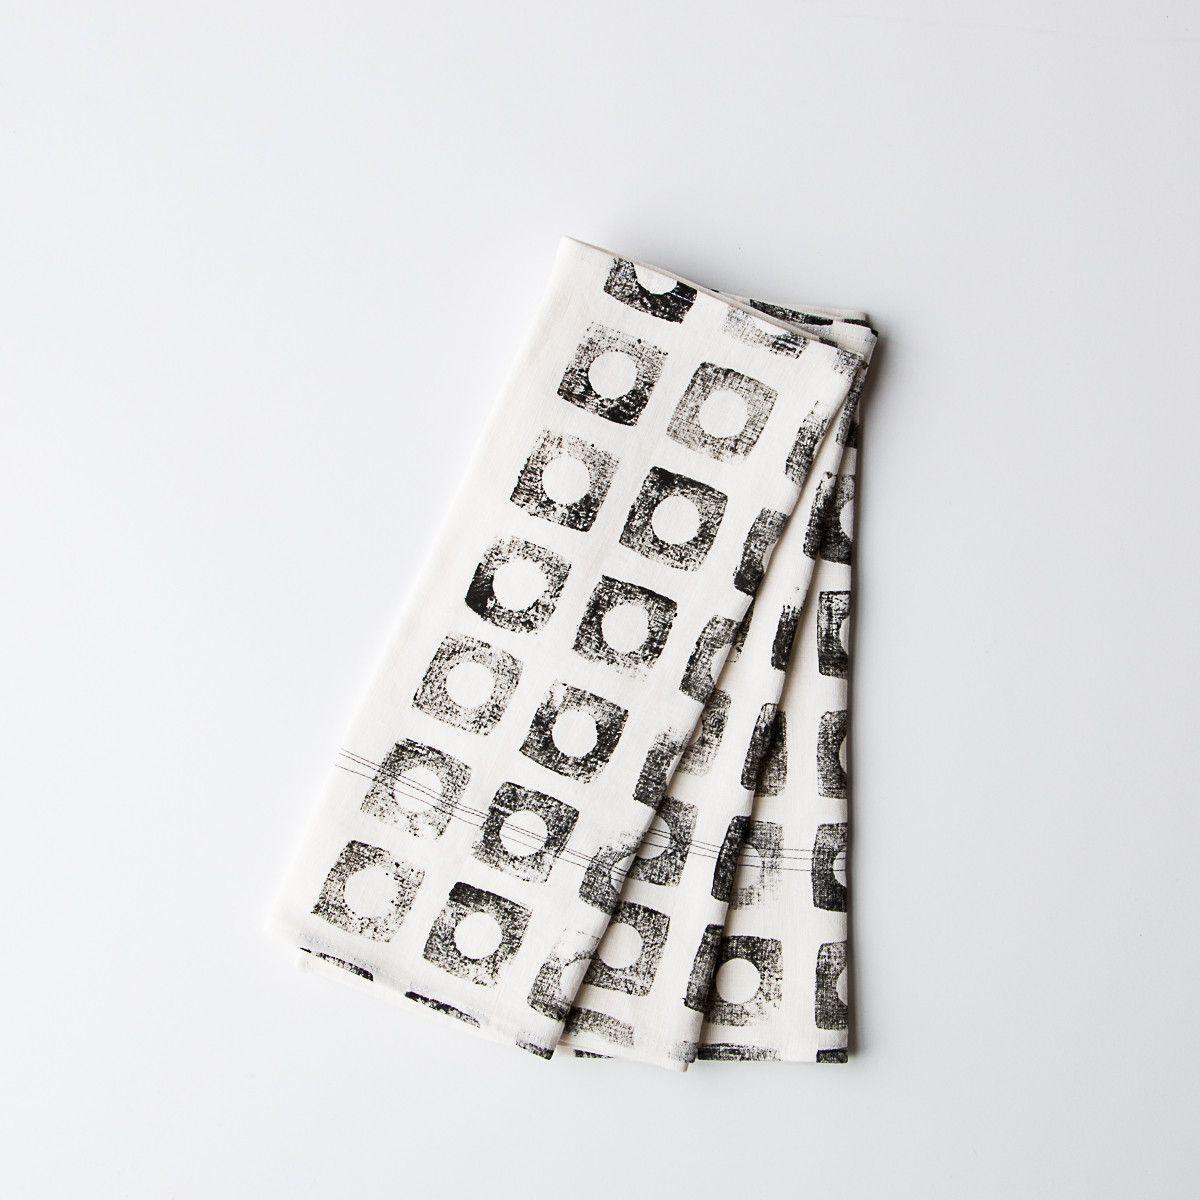 Glass Tea Towel   Small Table Runner   Hemp U0026 Linen